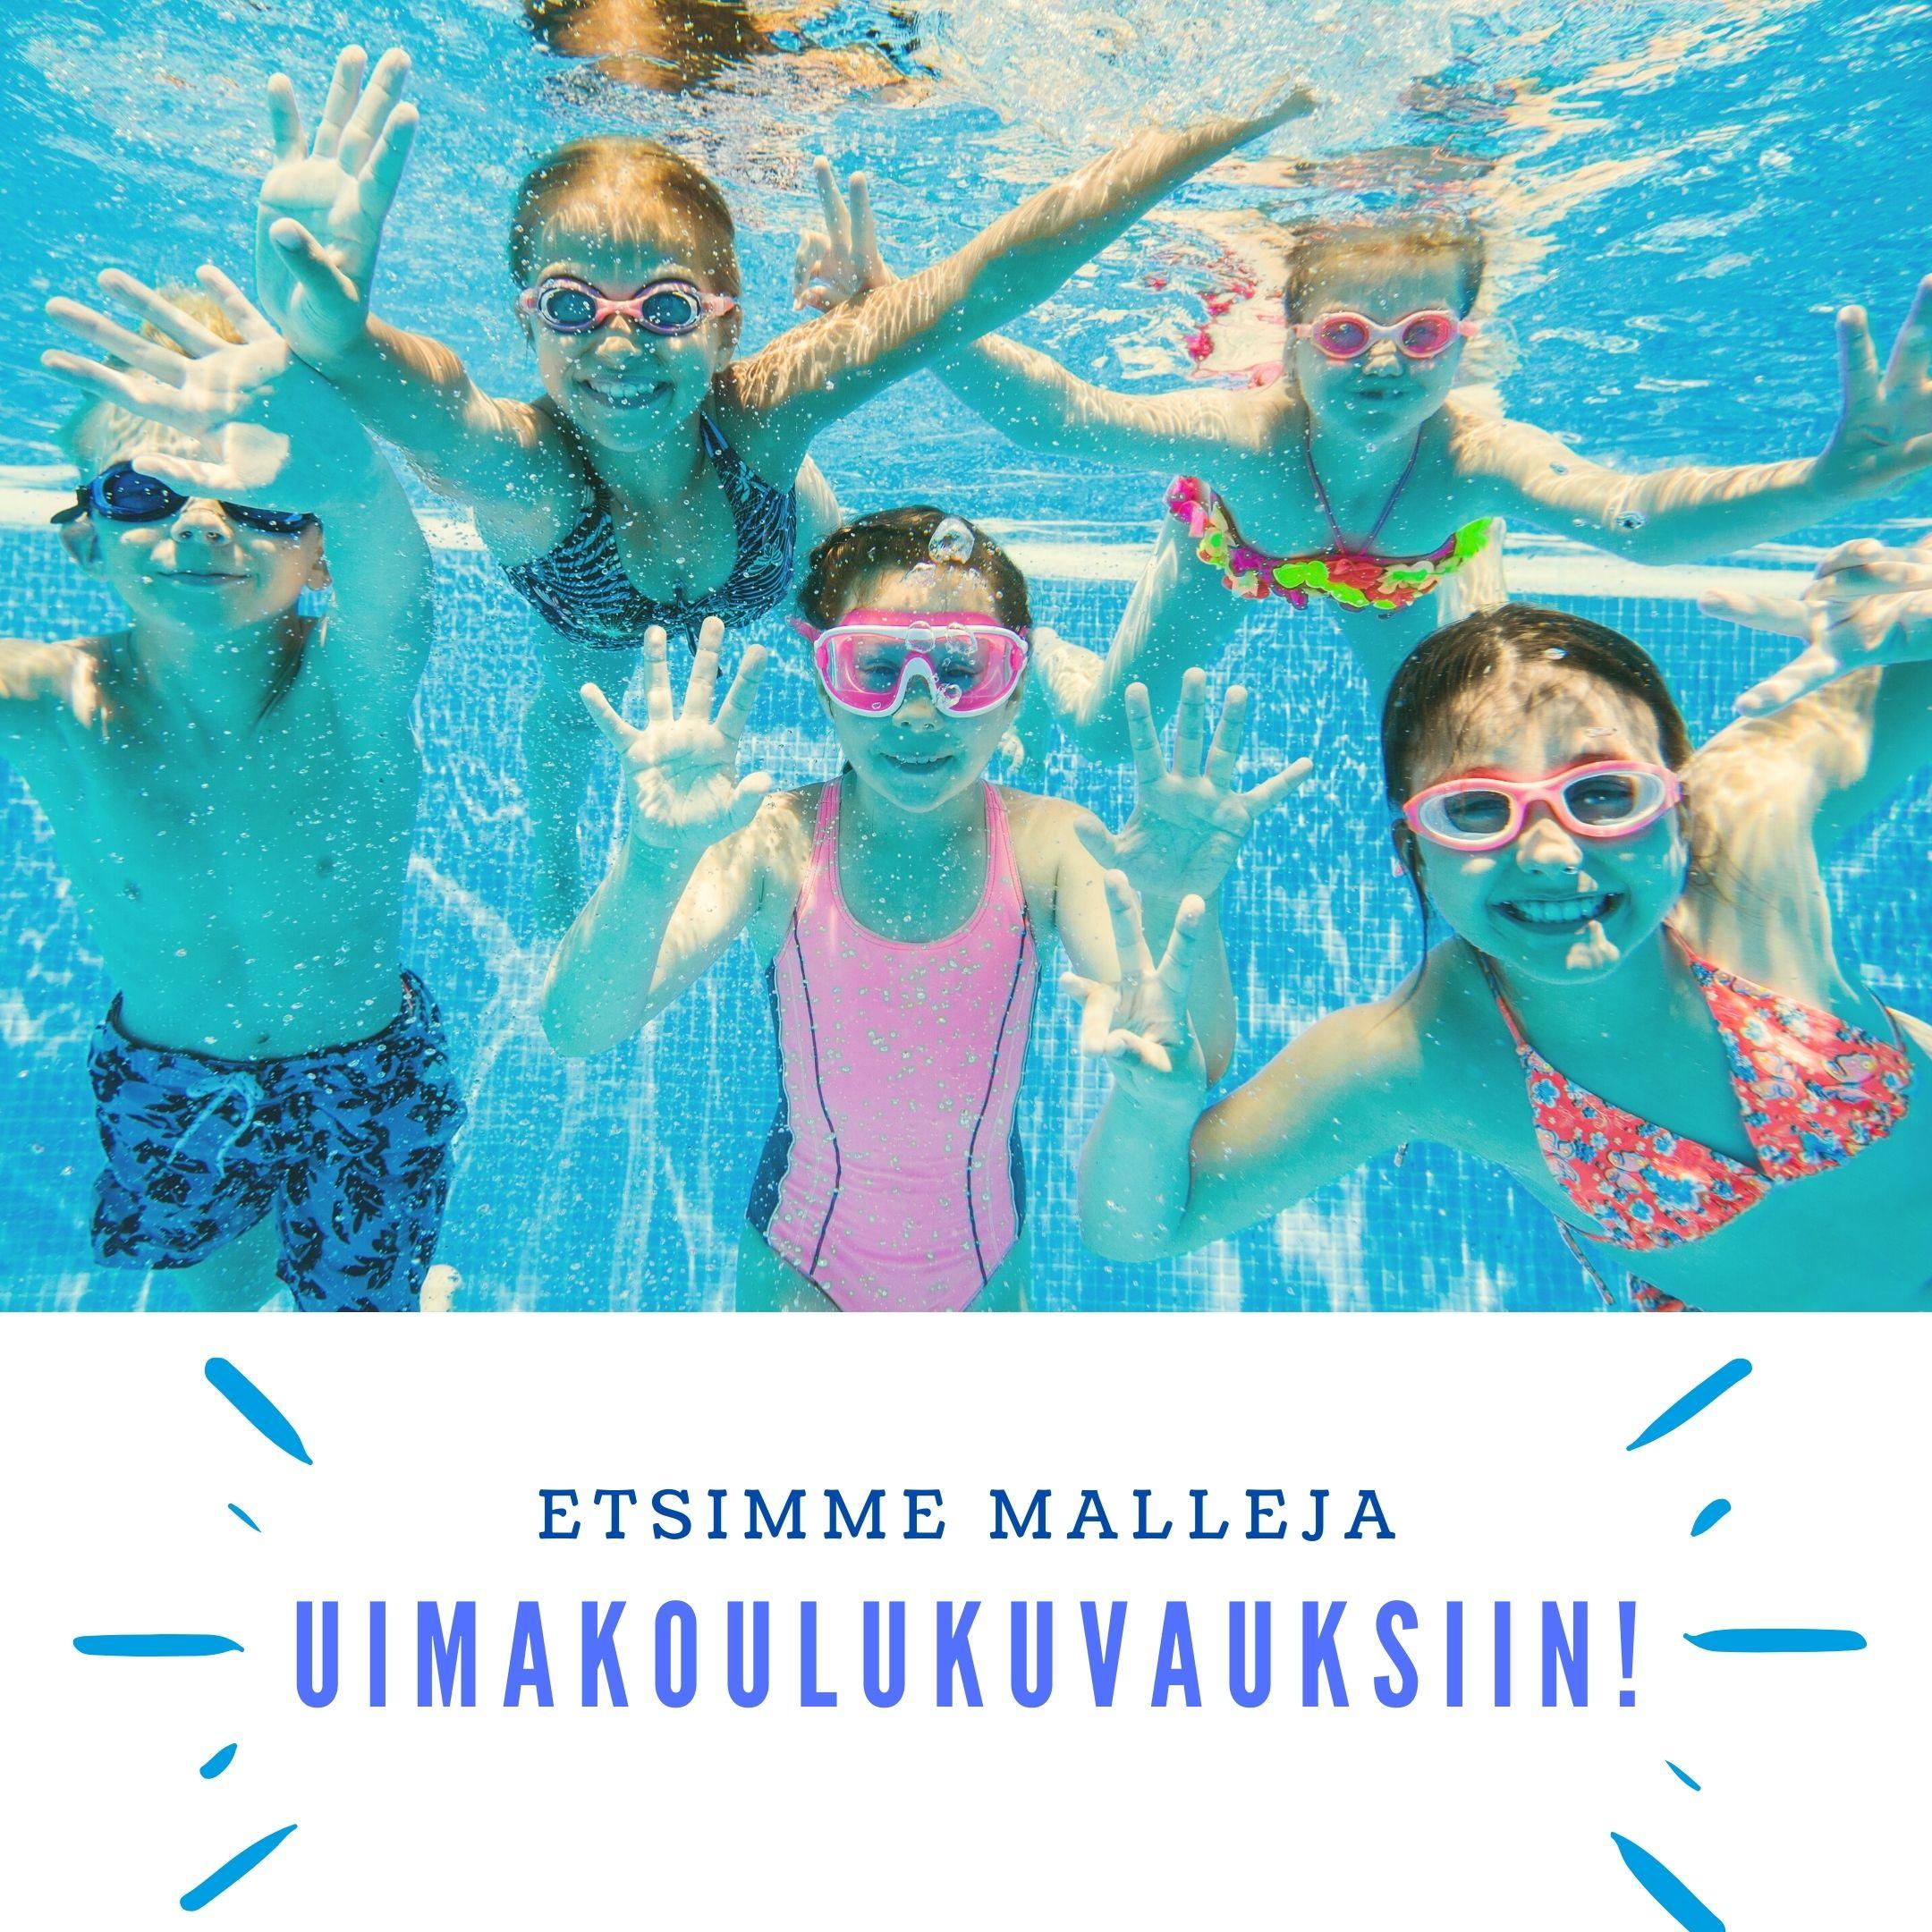 Tule malliksi uimakoulukuvauksiin!